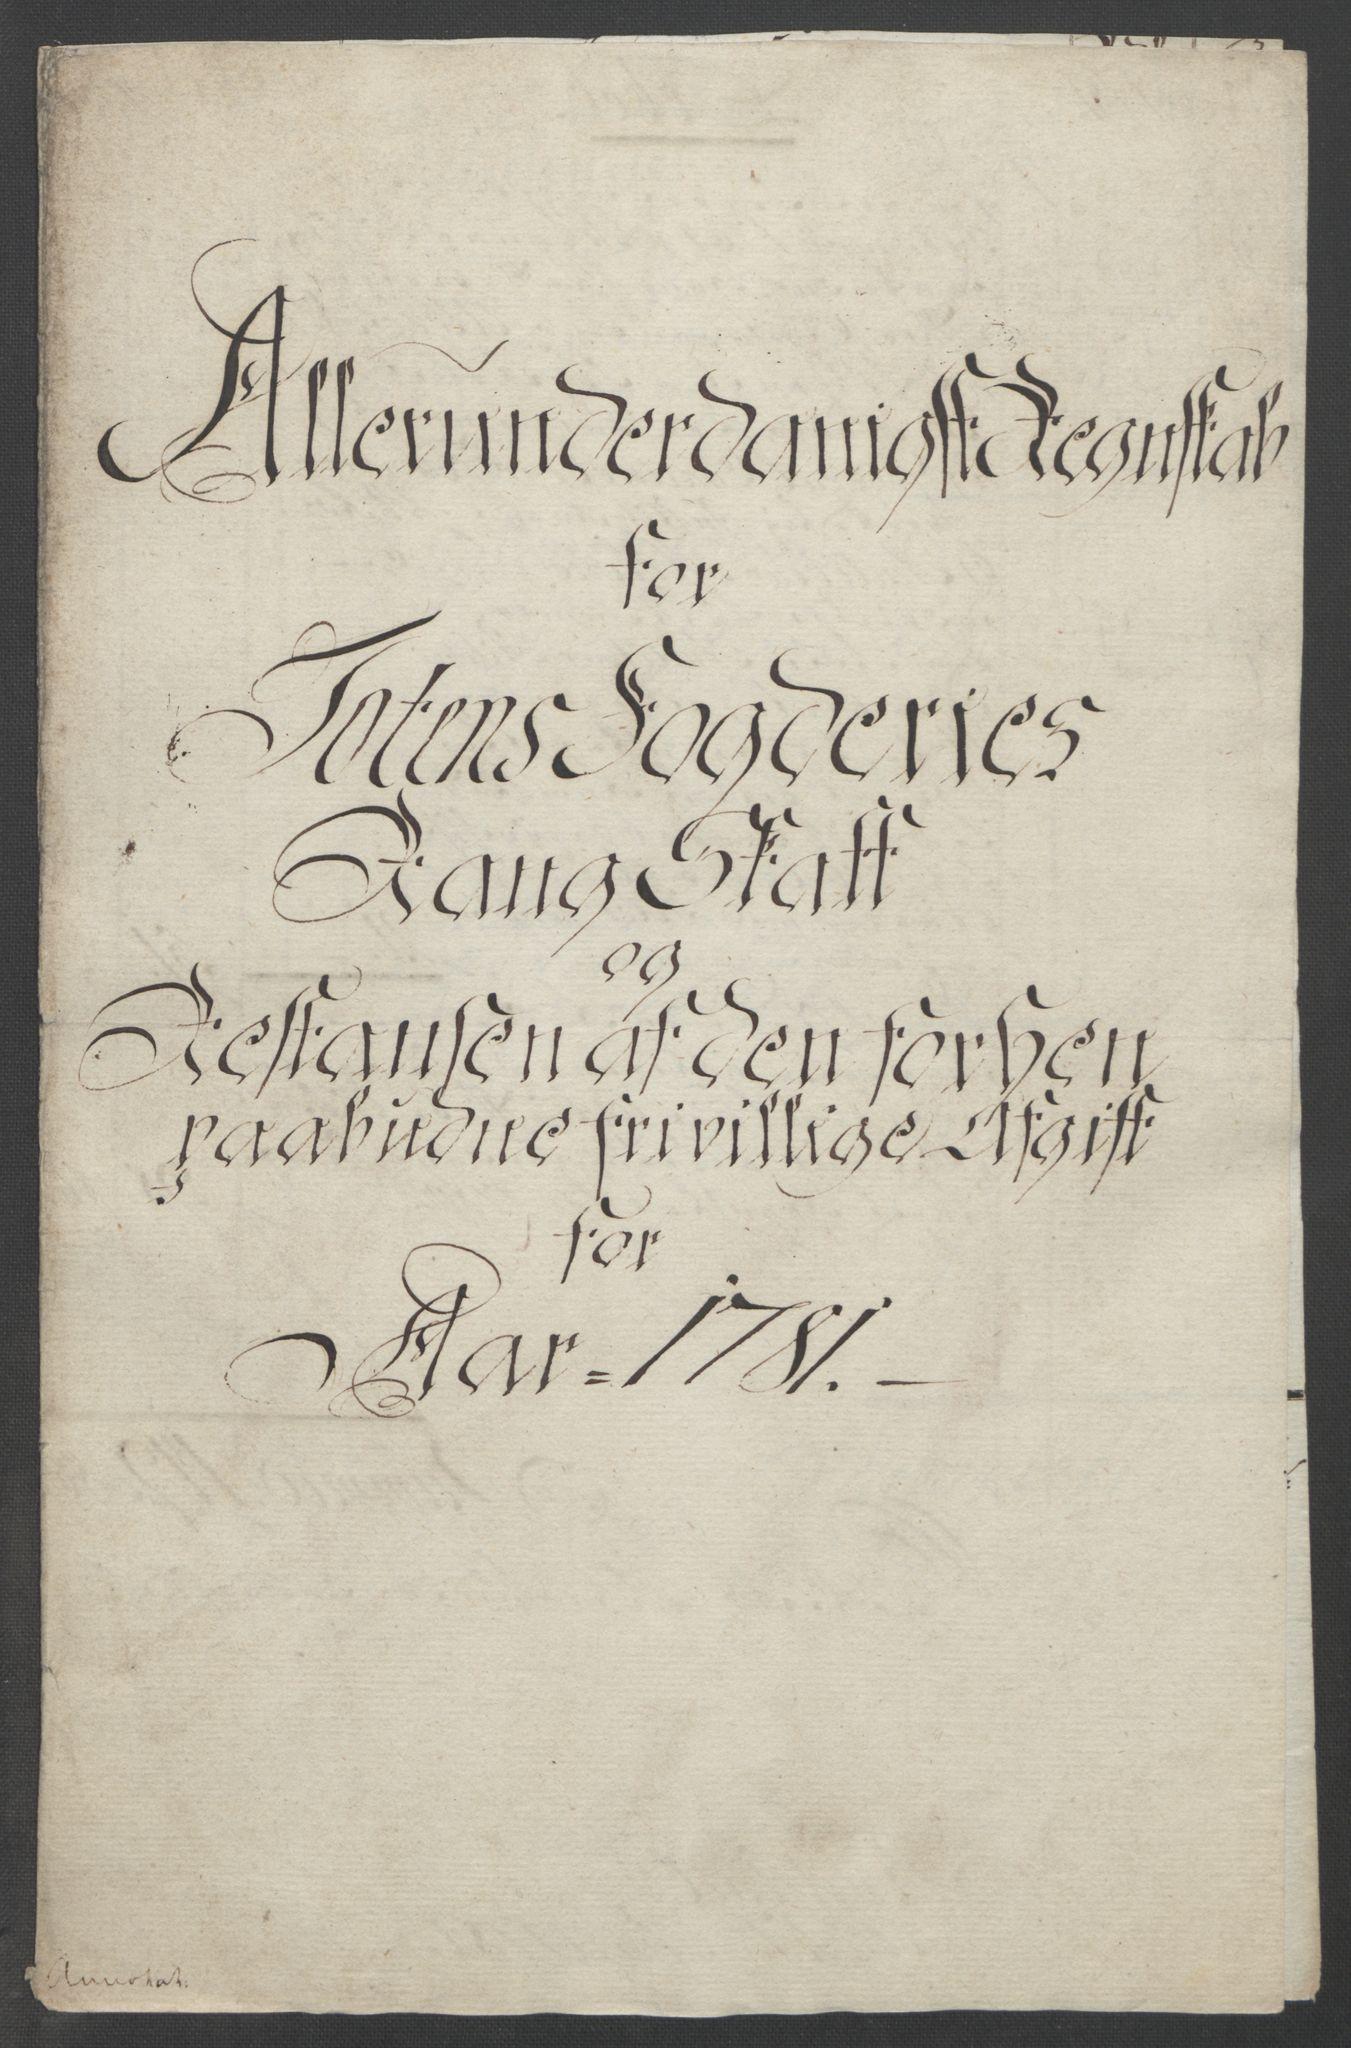 RA, Rentekammeret inntil 1814, Reviderte regnskaper, Fogderegnskap, R19/L1399: Fogderegnskap Toten, Hadeland og Vardal, 1762-1783, s. 530